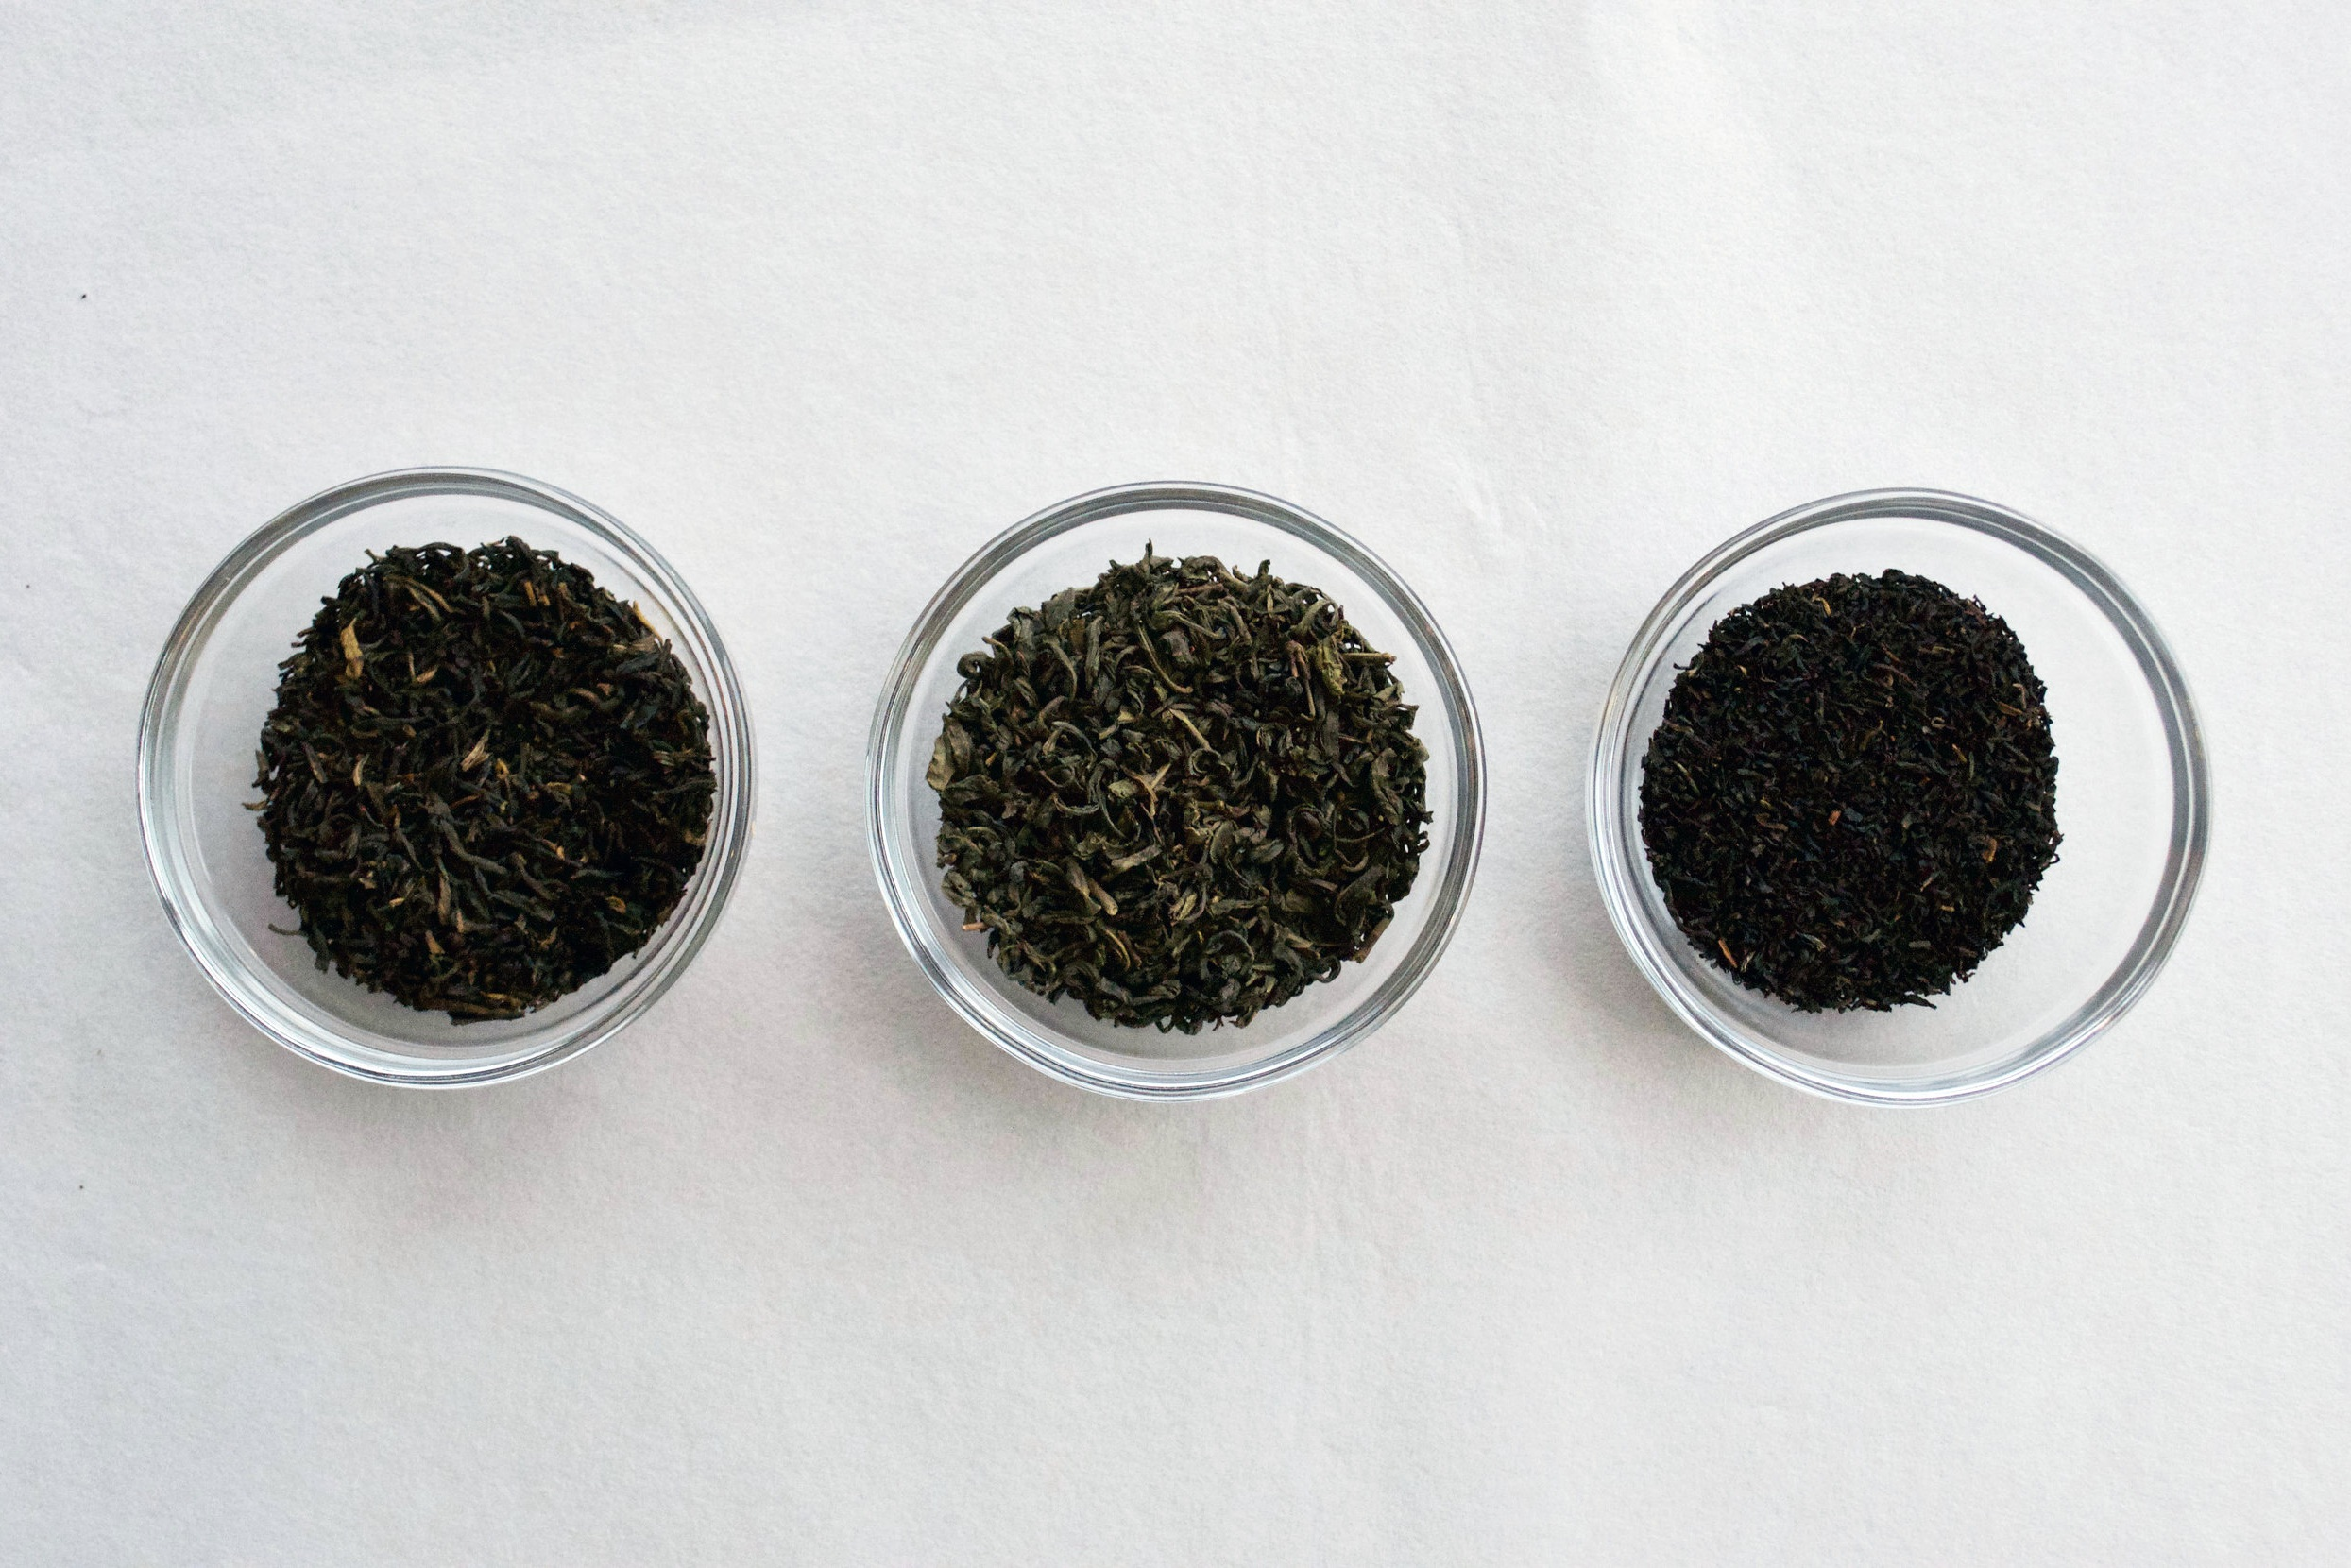 Pure+Tea_Clean+Photo.jpg